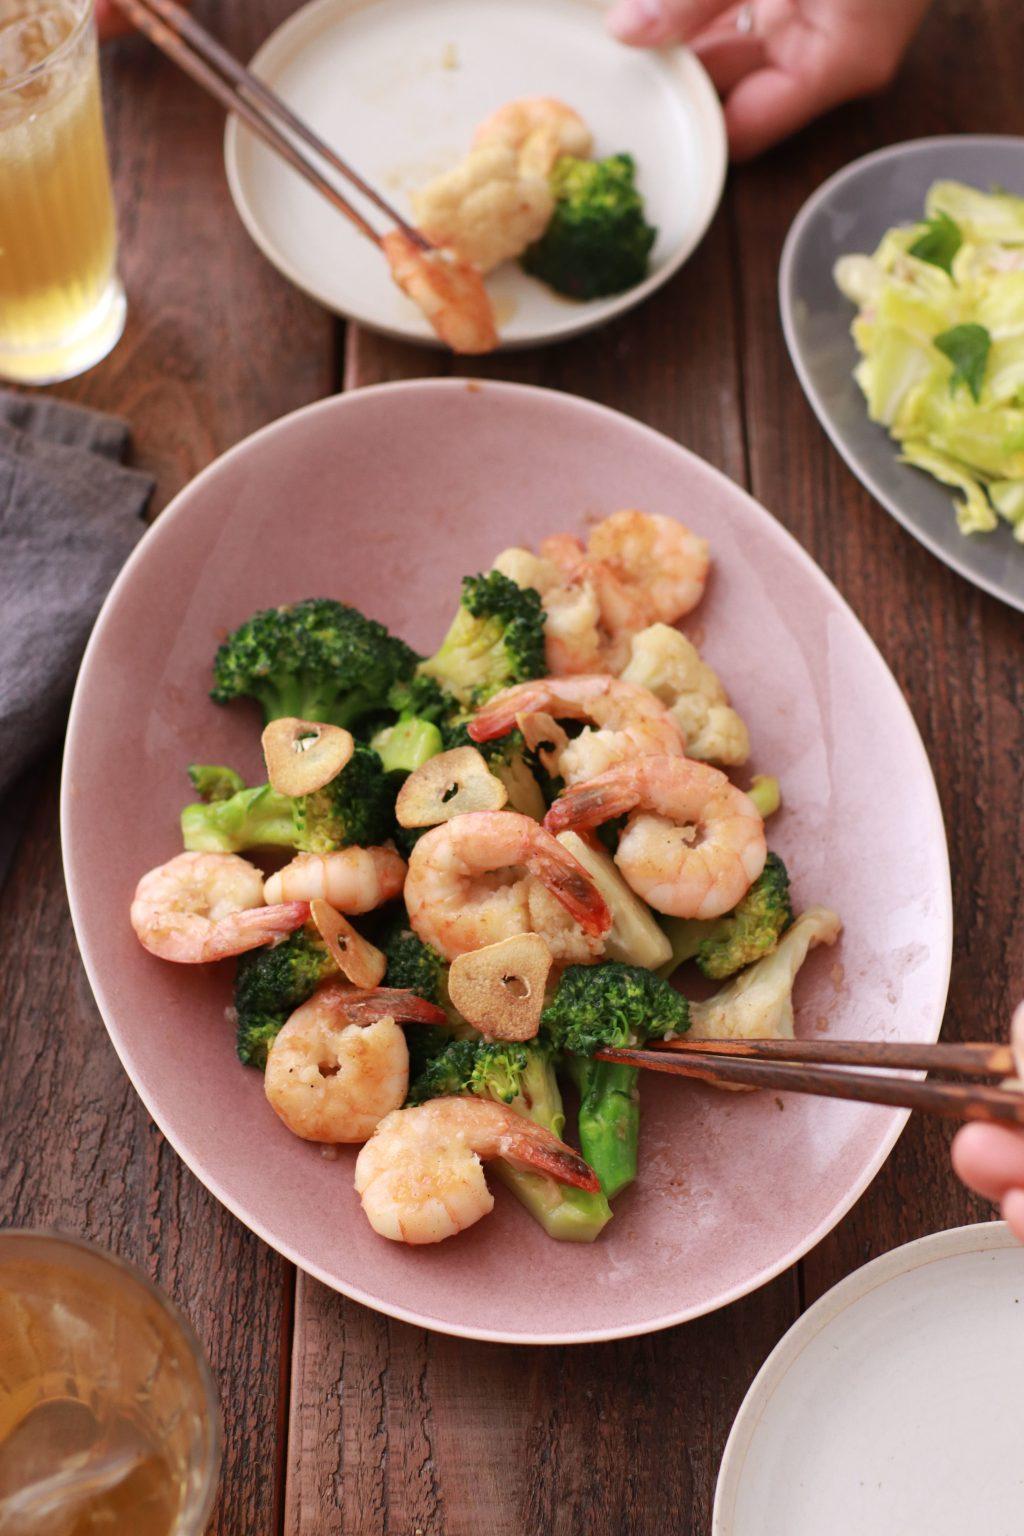 【レシピ】エビとブロッコリーのガーリック炒め